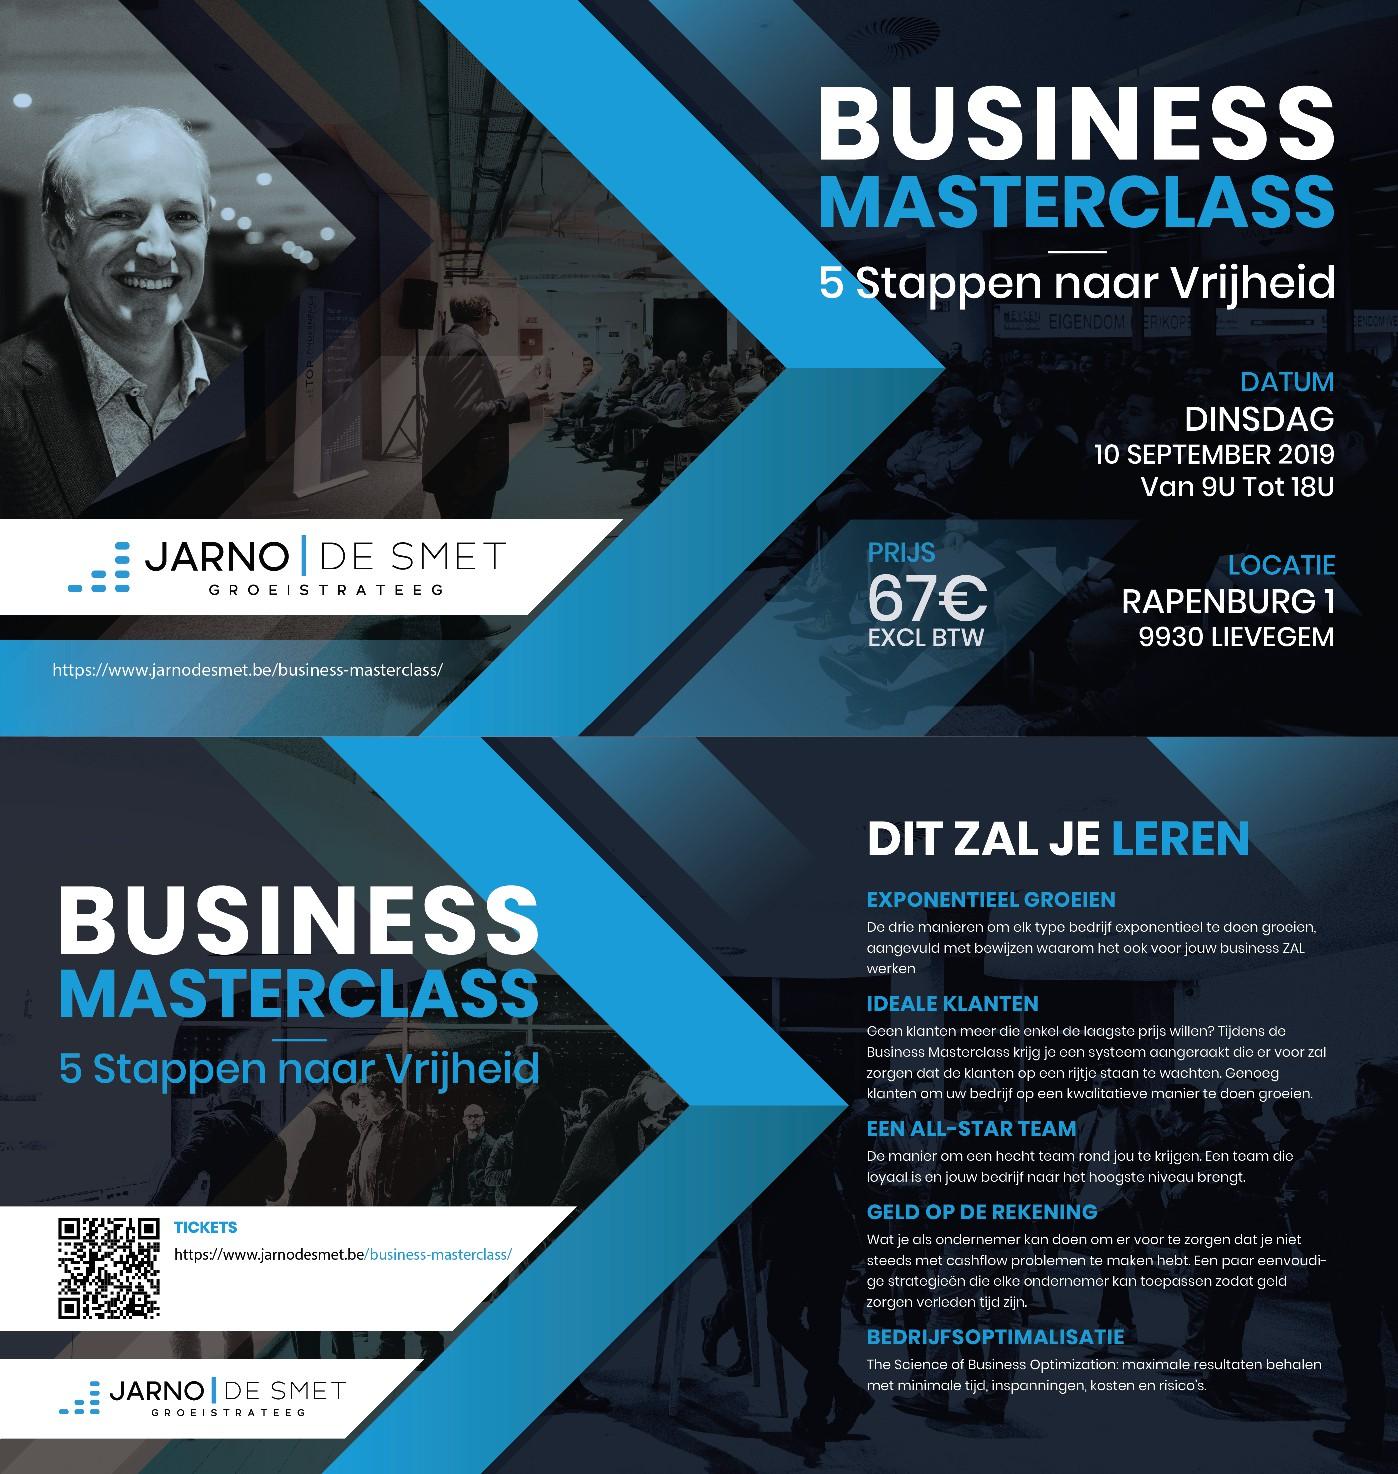 Uitnodiging voor Business Masterclass